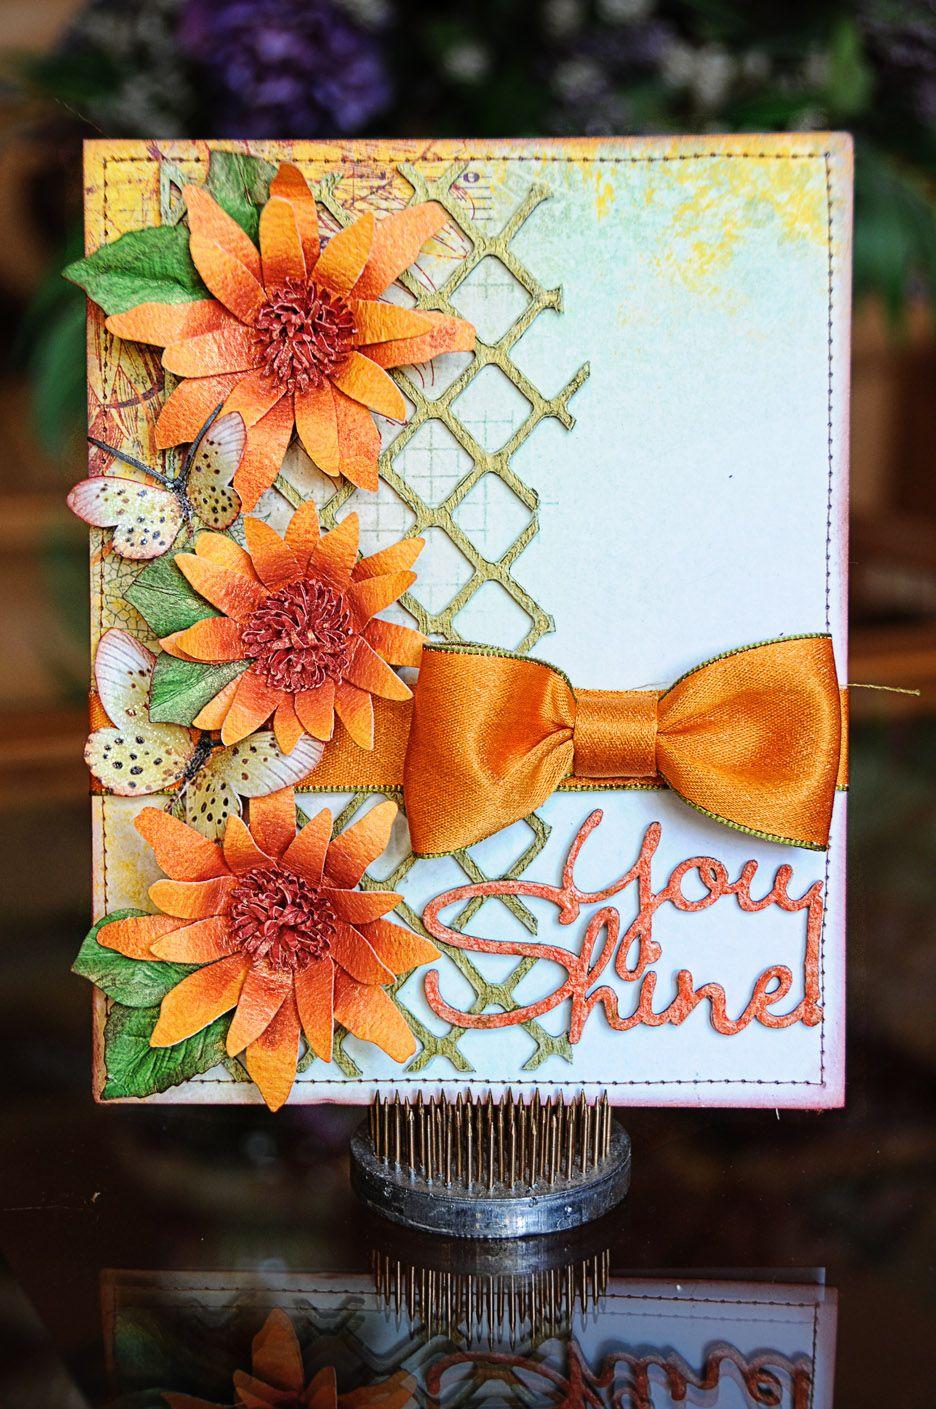 You Shine***Blue Fern Studios*** - Scrapbook.com